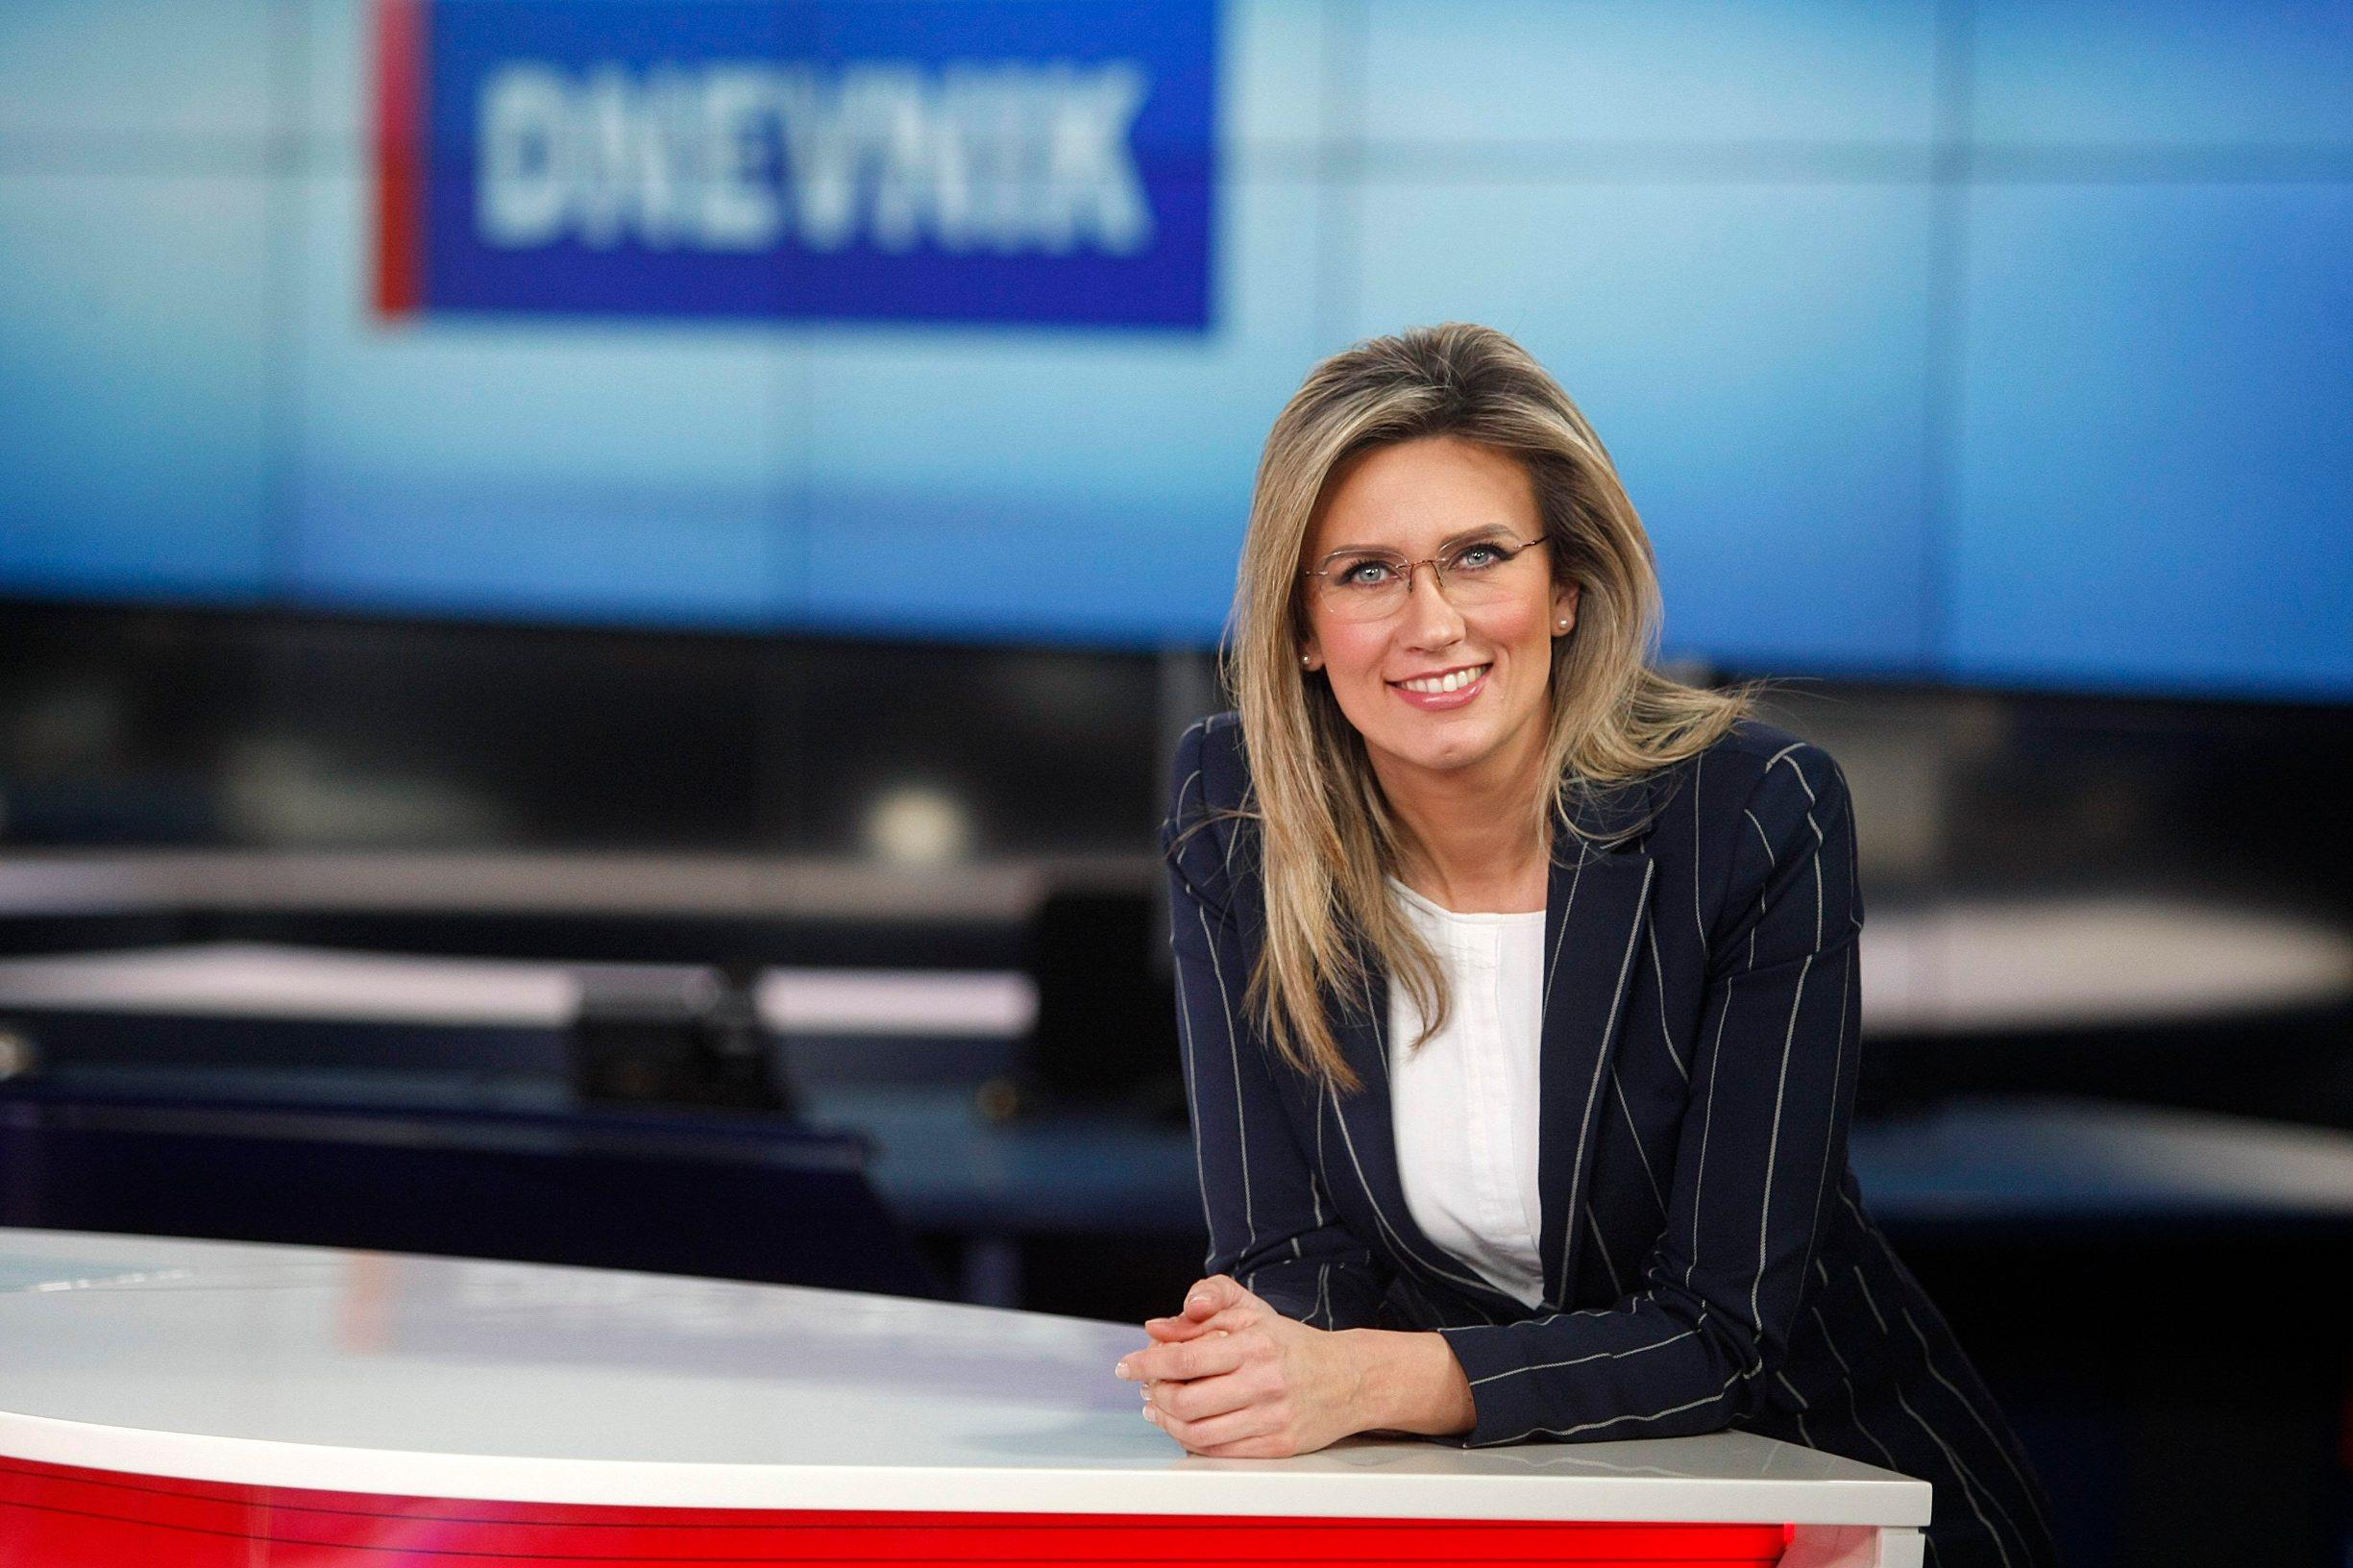 Zagreb, 021217. Nova TV. Romina Knezic, voditeljica Dnevnika Nove TV. Foto: Ranko Suvar / CROPIX